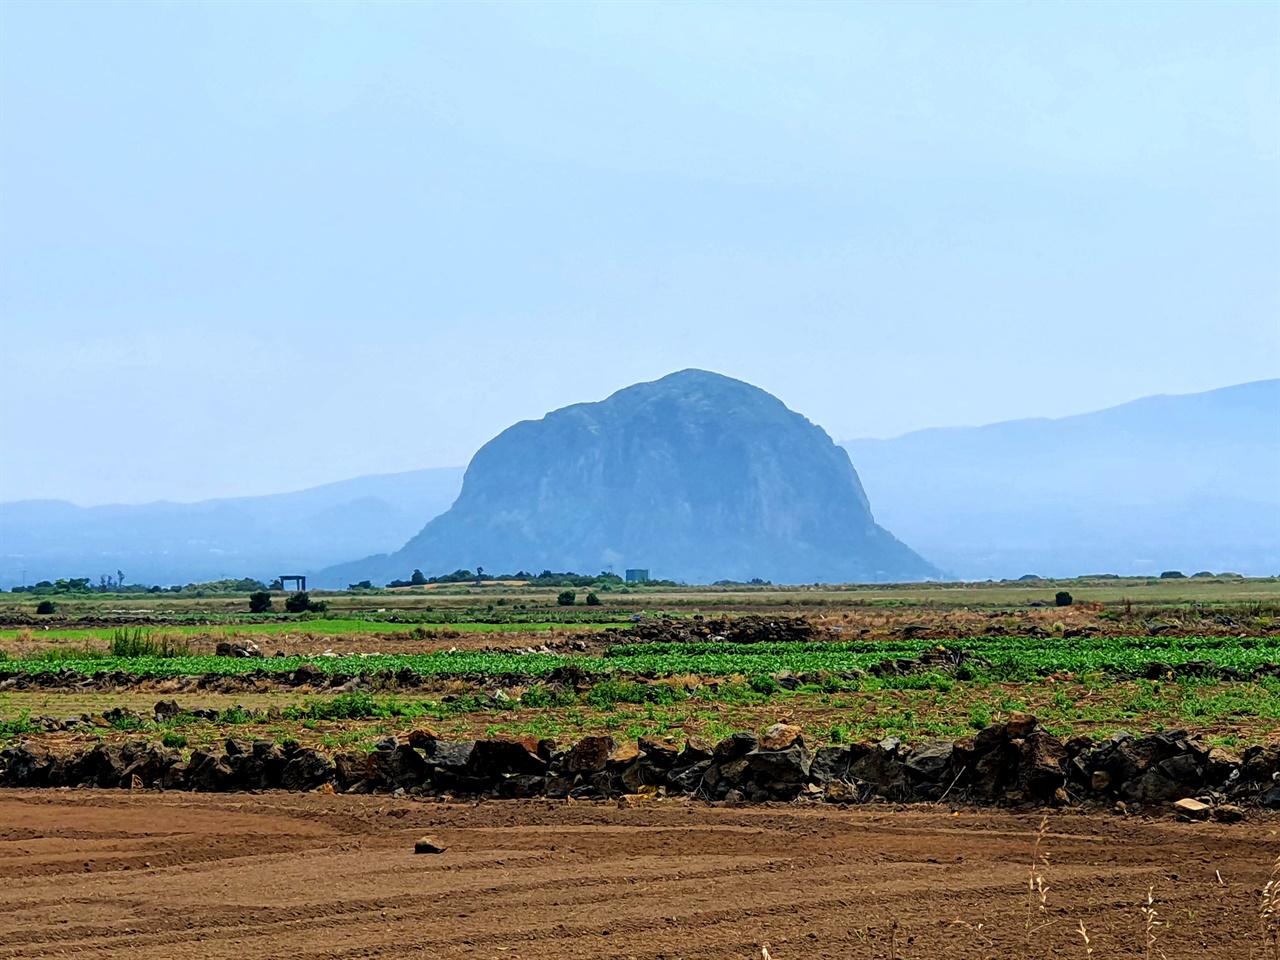 산방산  대정읍 하모리 알뜨르비행장 근처에서 바라본 산방산